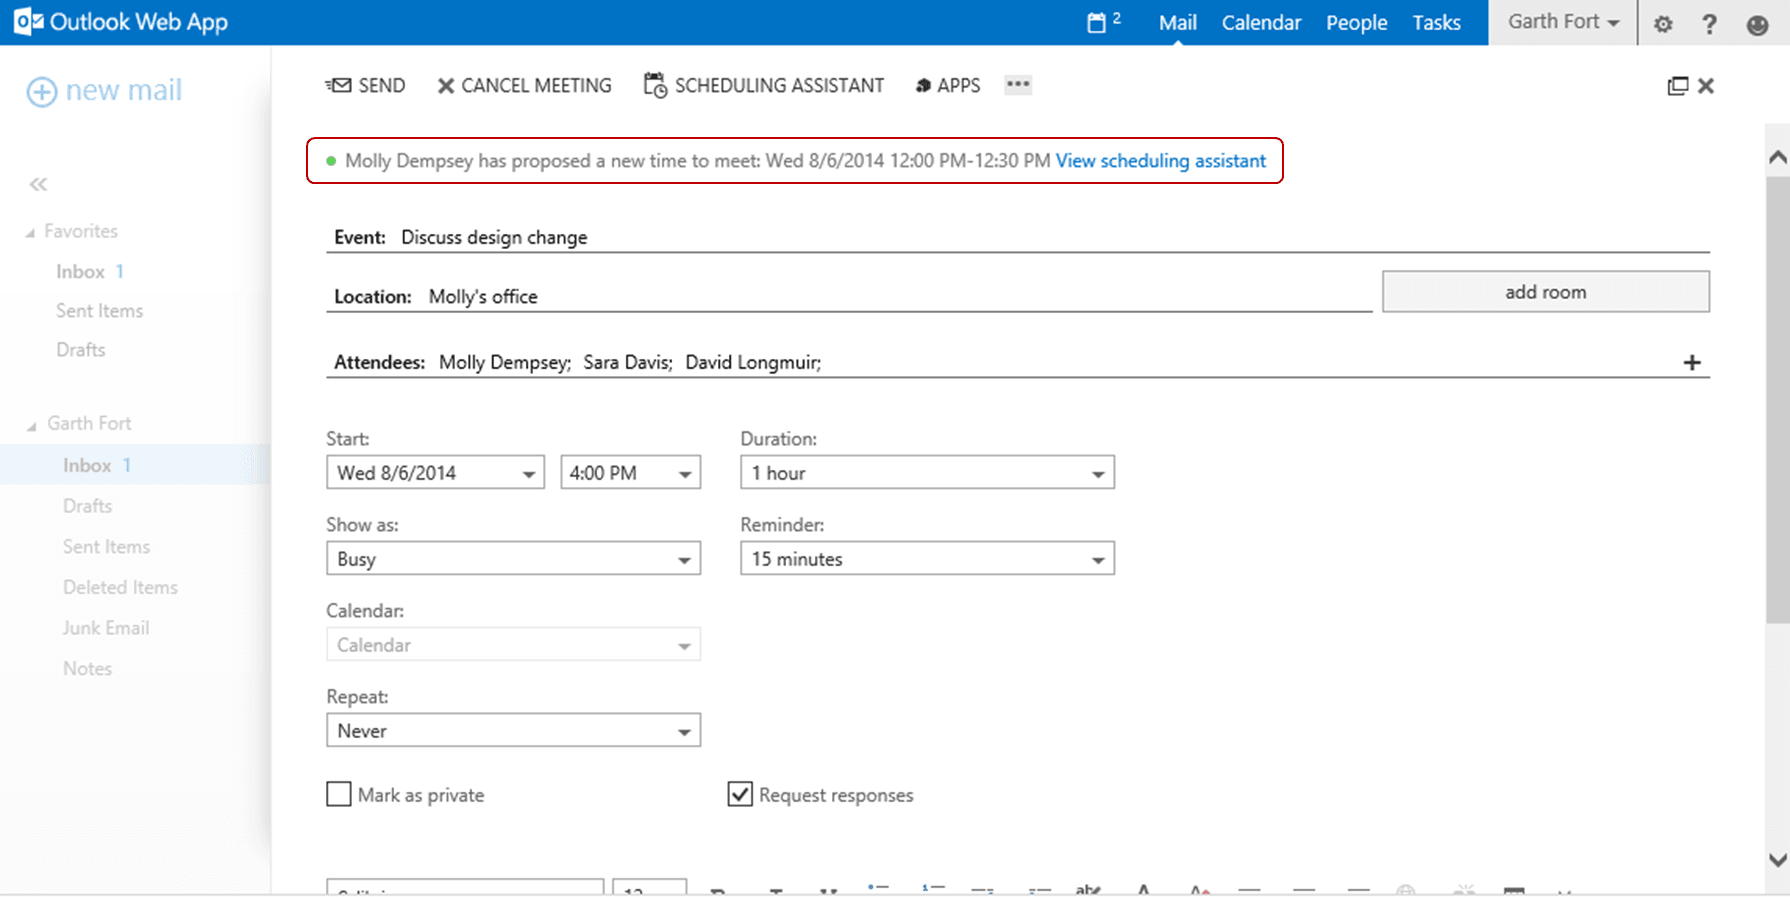 Característica de Outlook Web App: Proponer una nueva hora